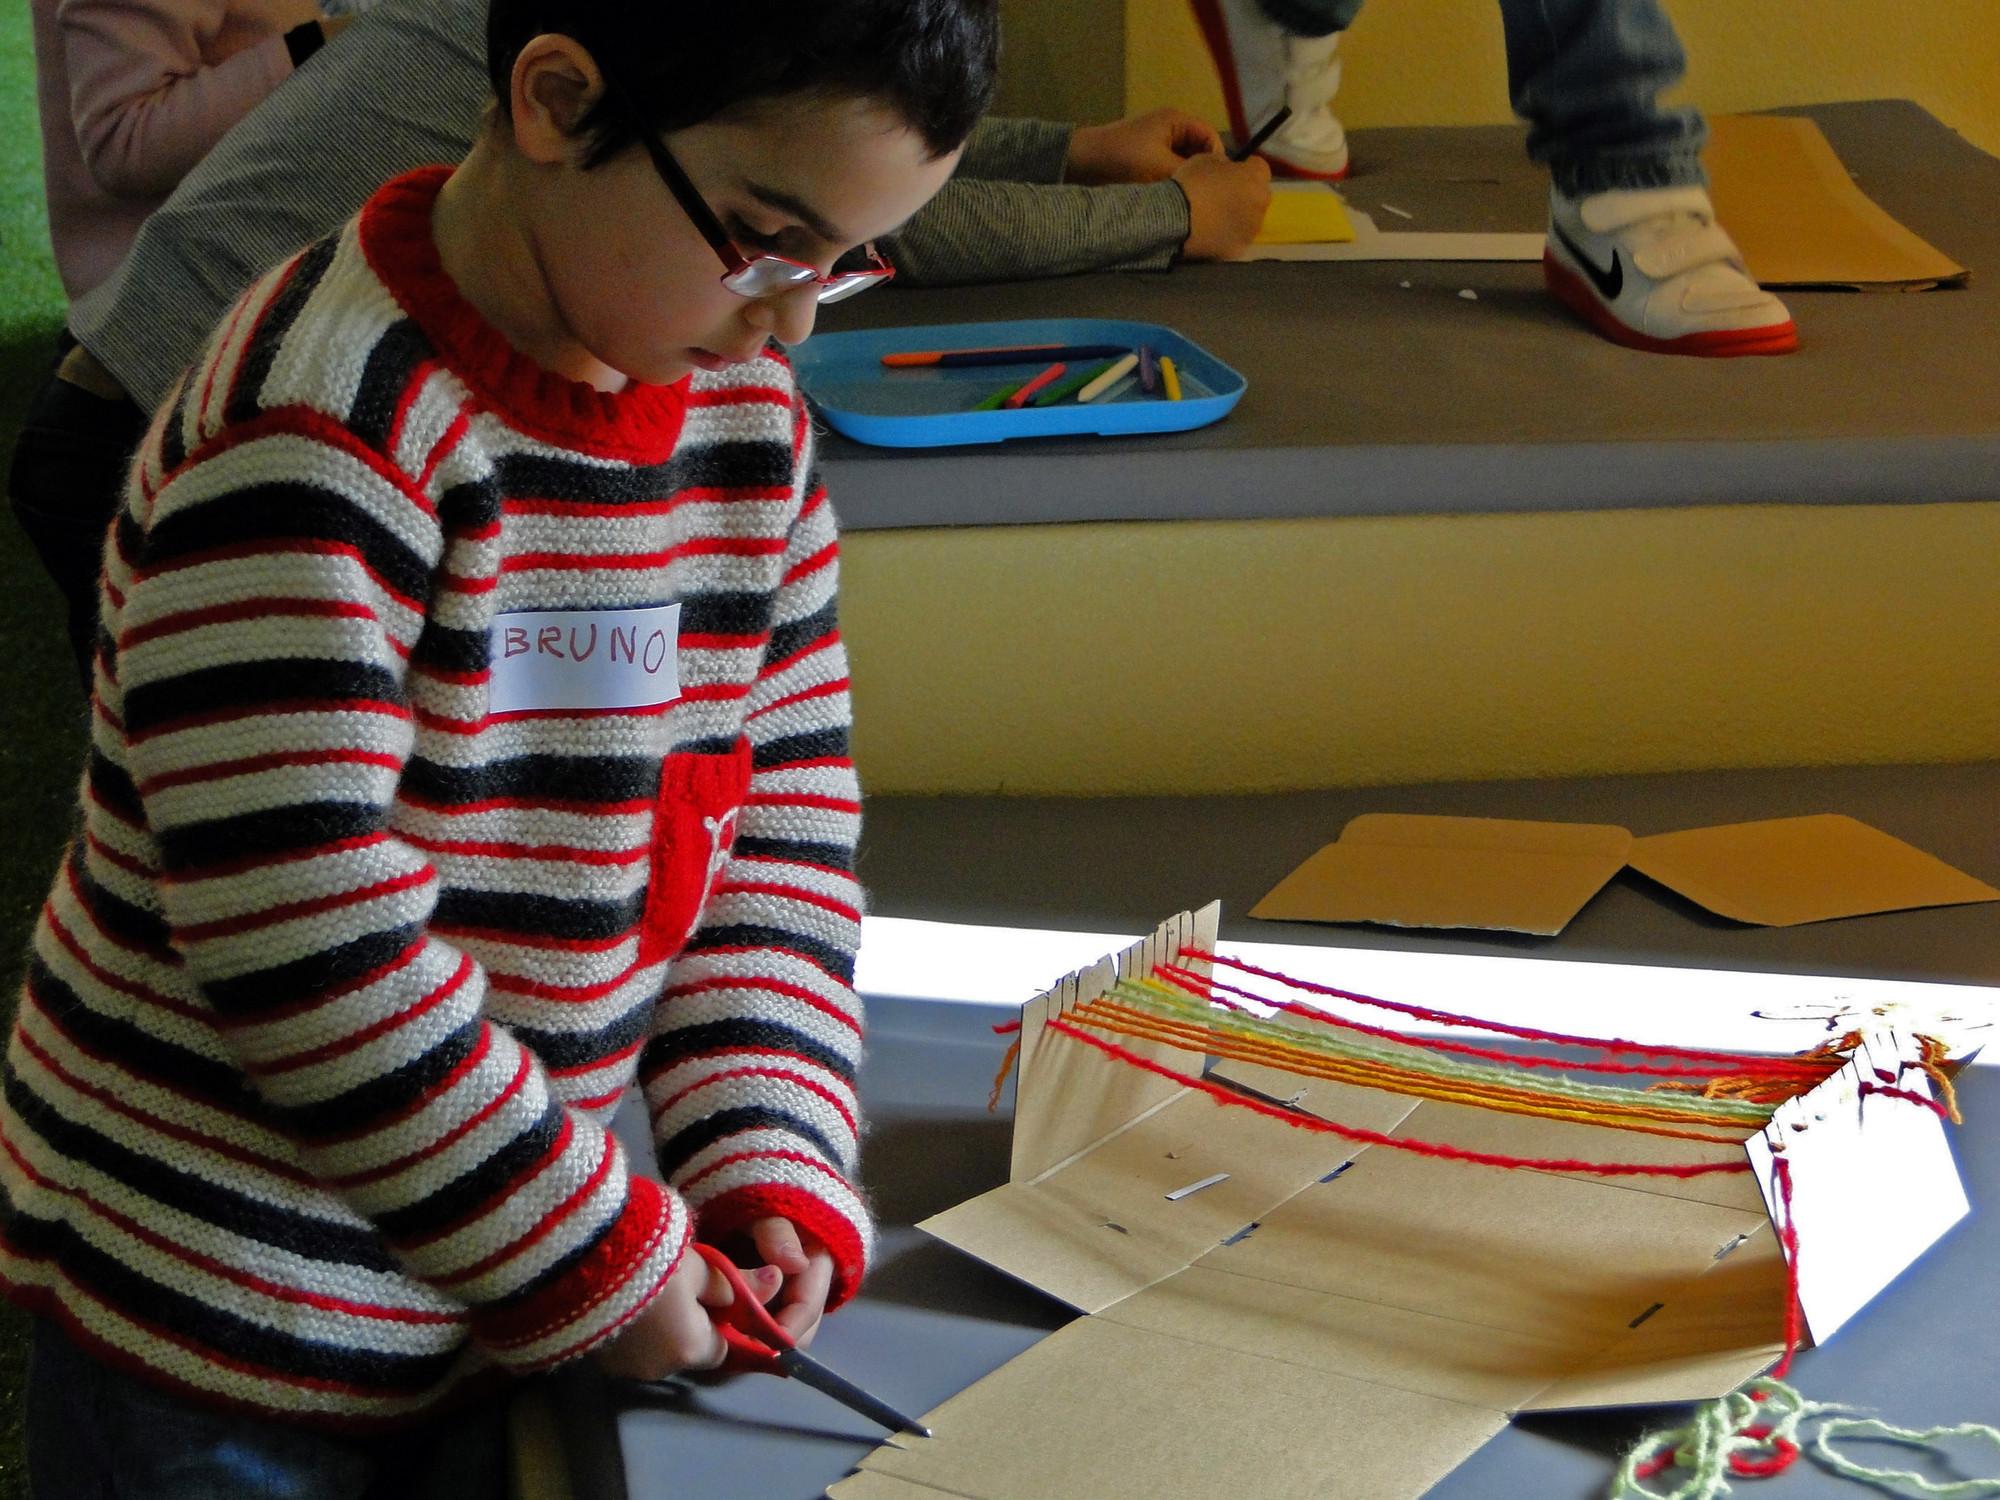 Refugio soñado: propuesta de Bruno, 6 años. Image © Chiquitectos